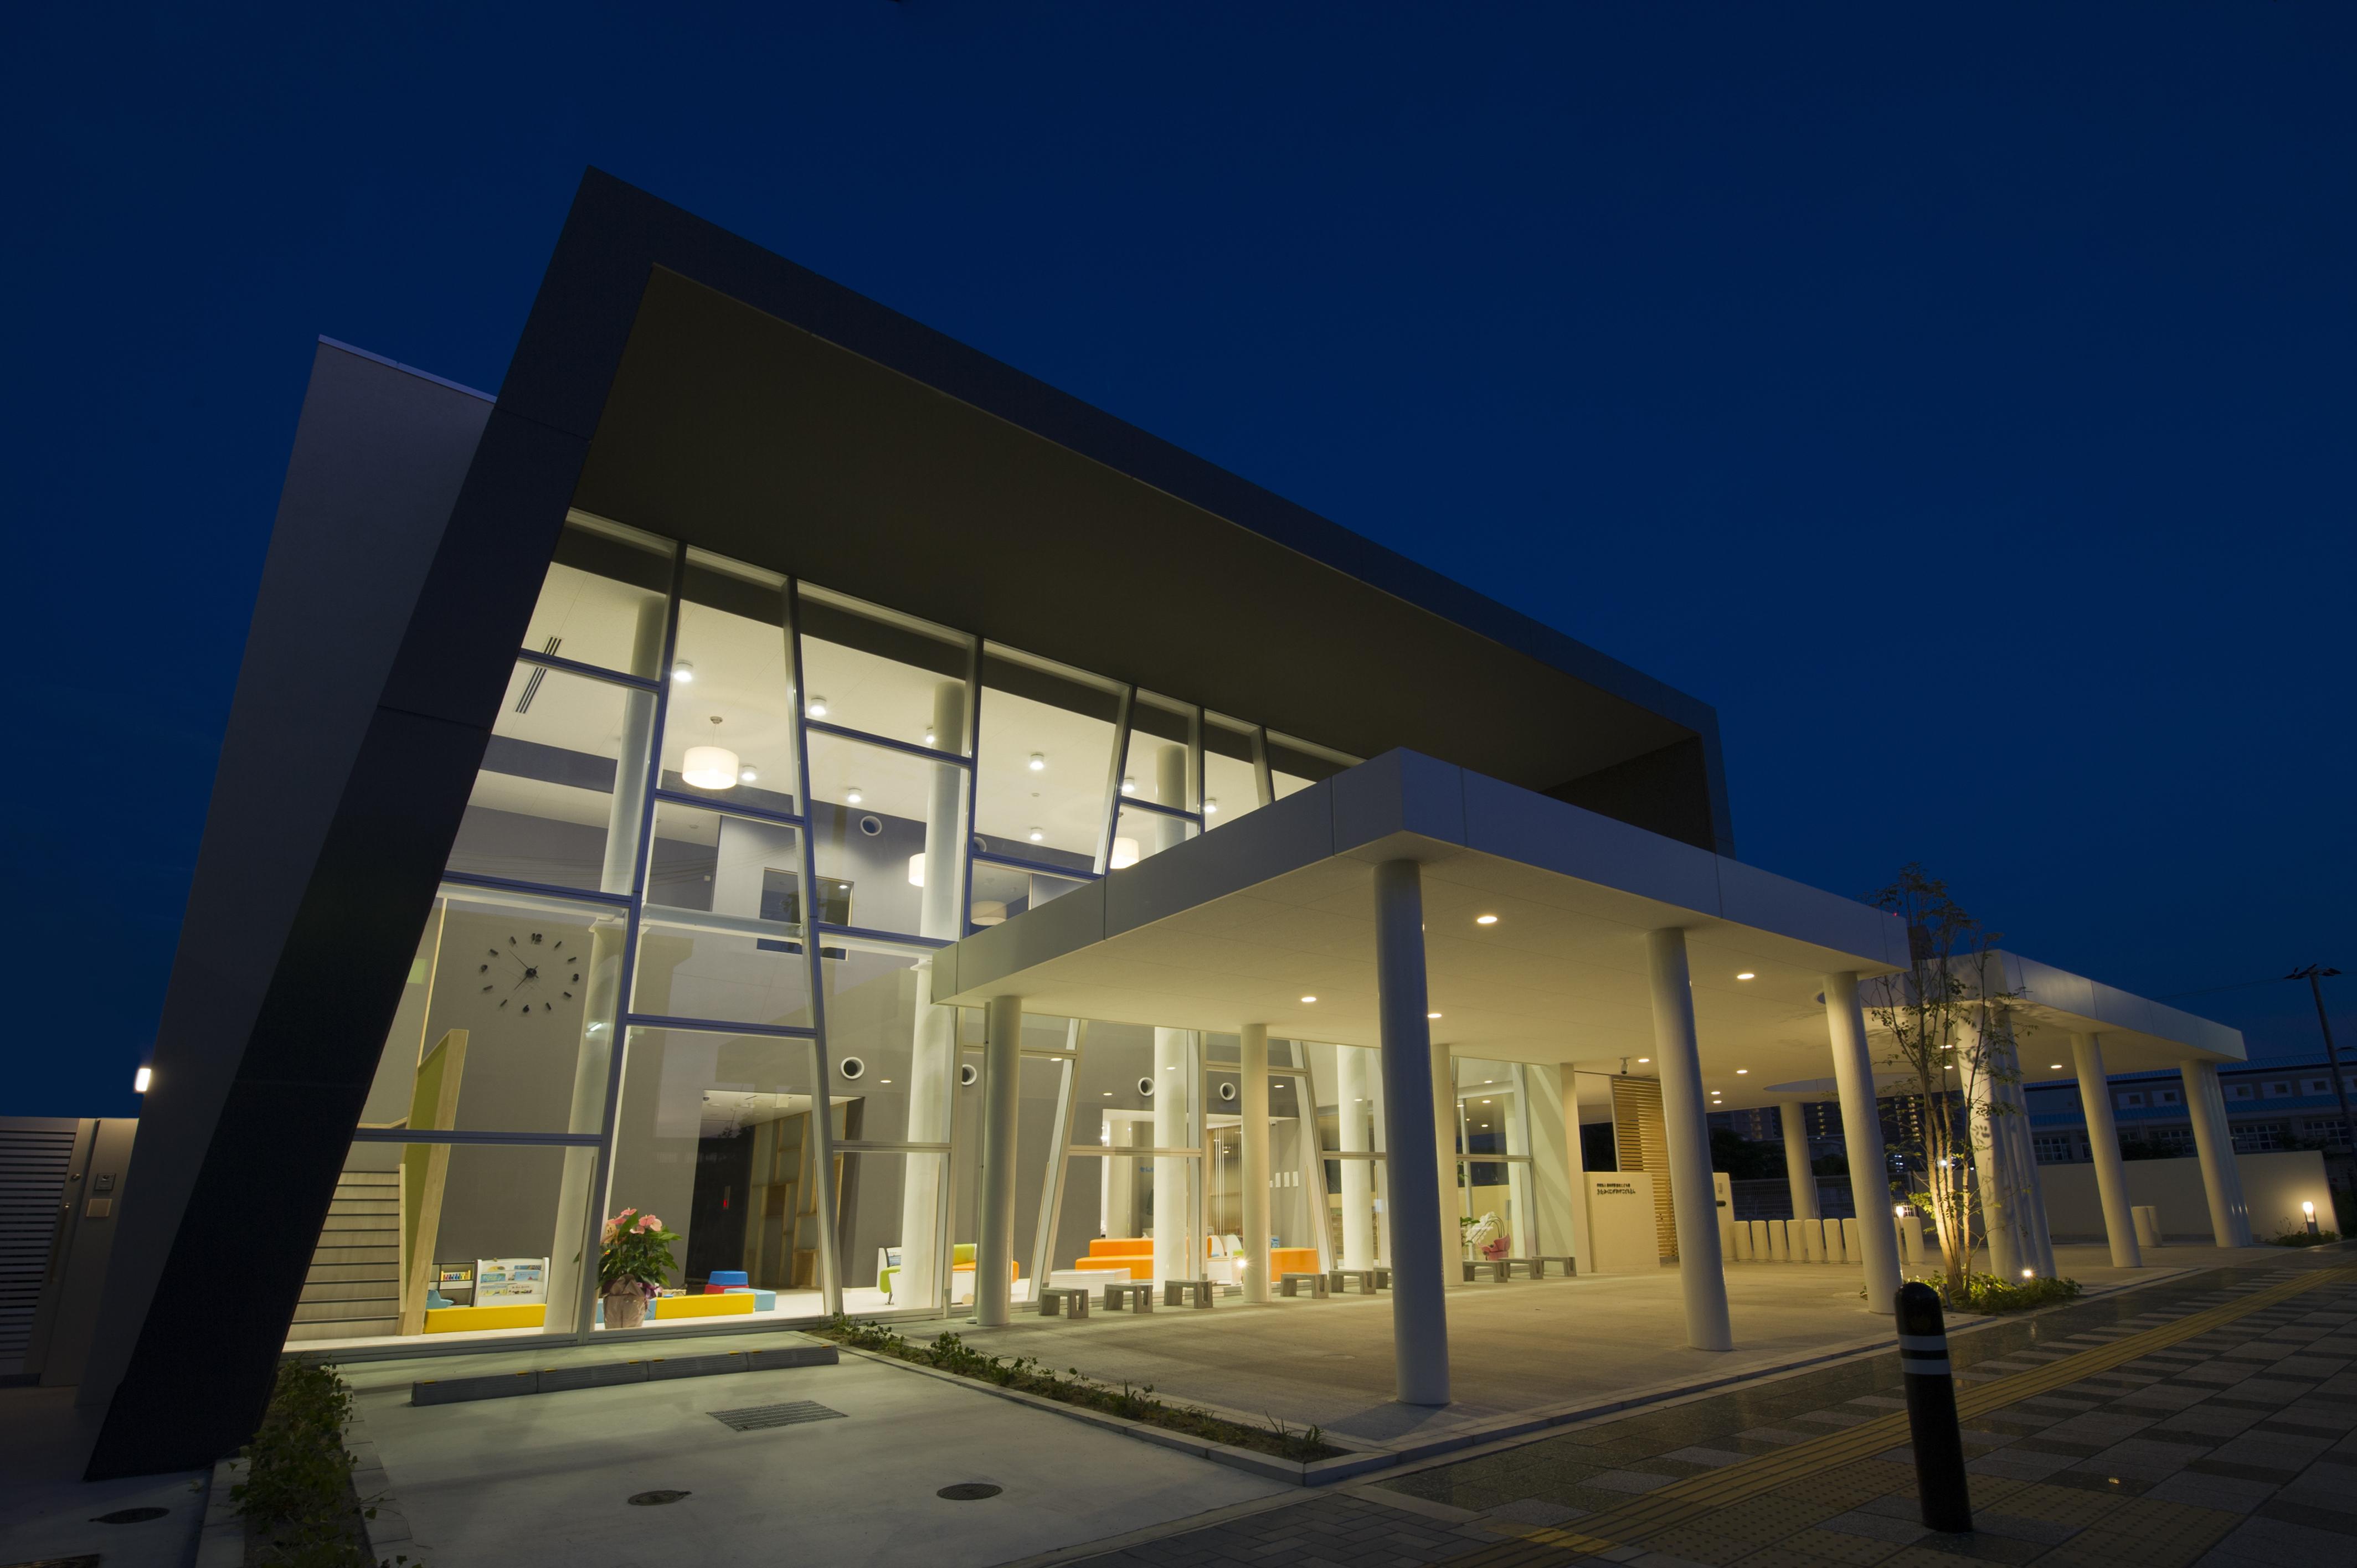 千葉大学医学部附属病院 外来診療B棟隣接 アメニティ施設新築工事